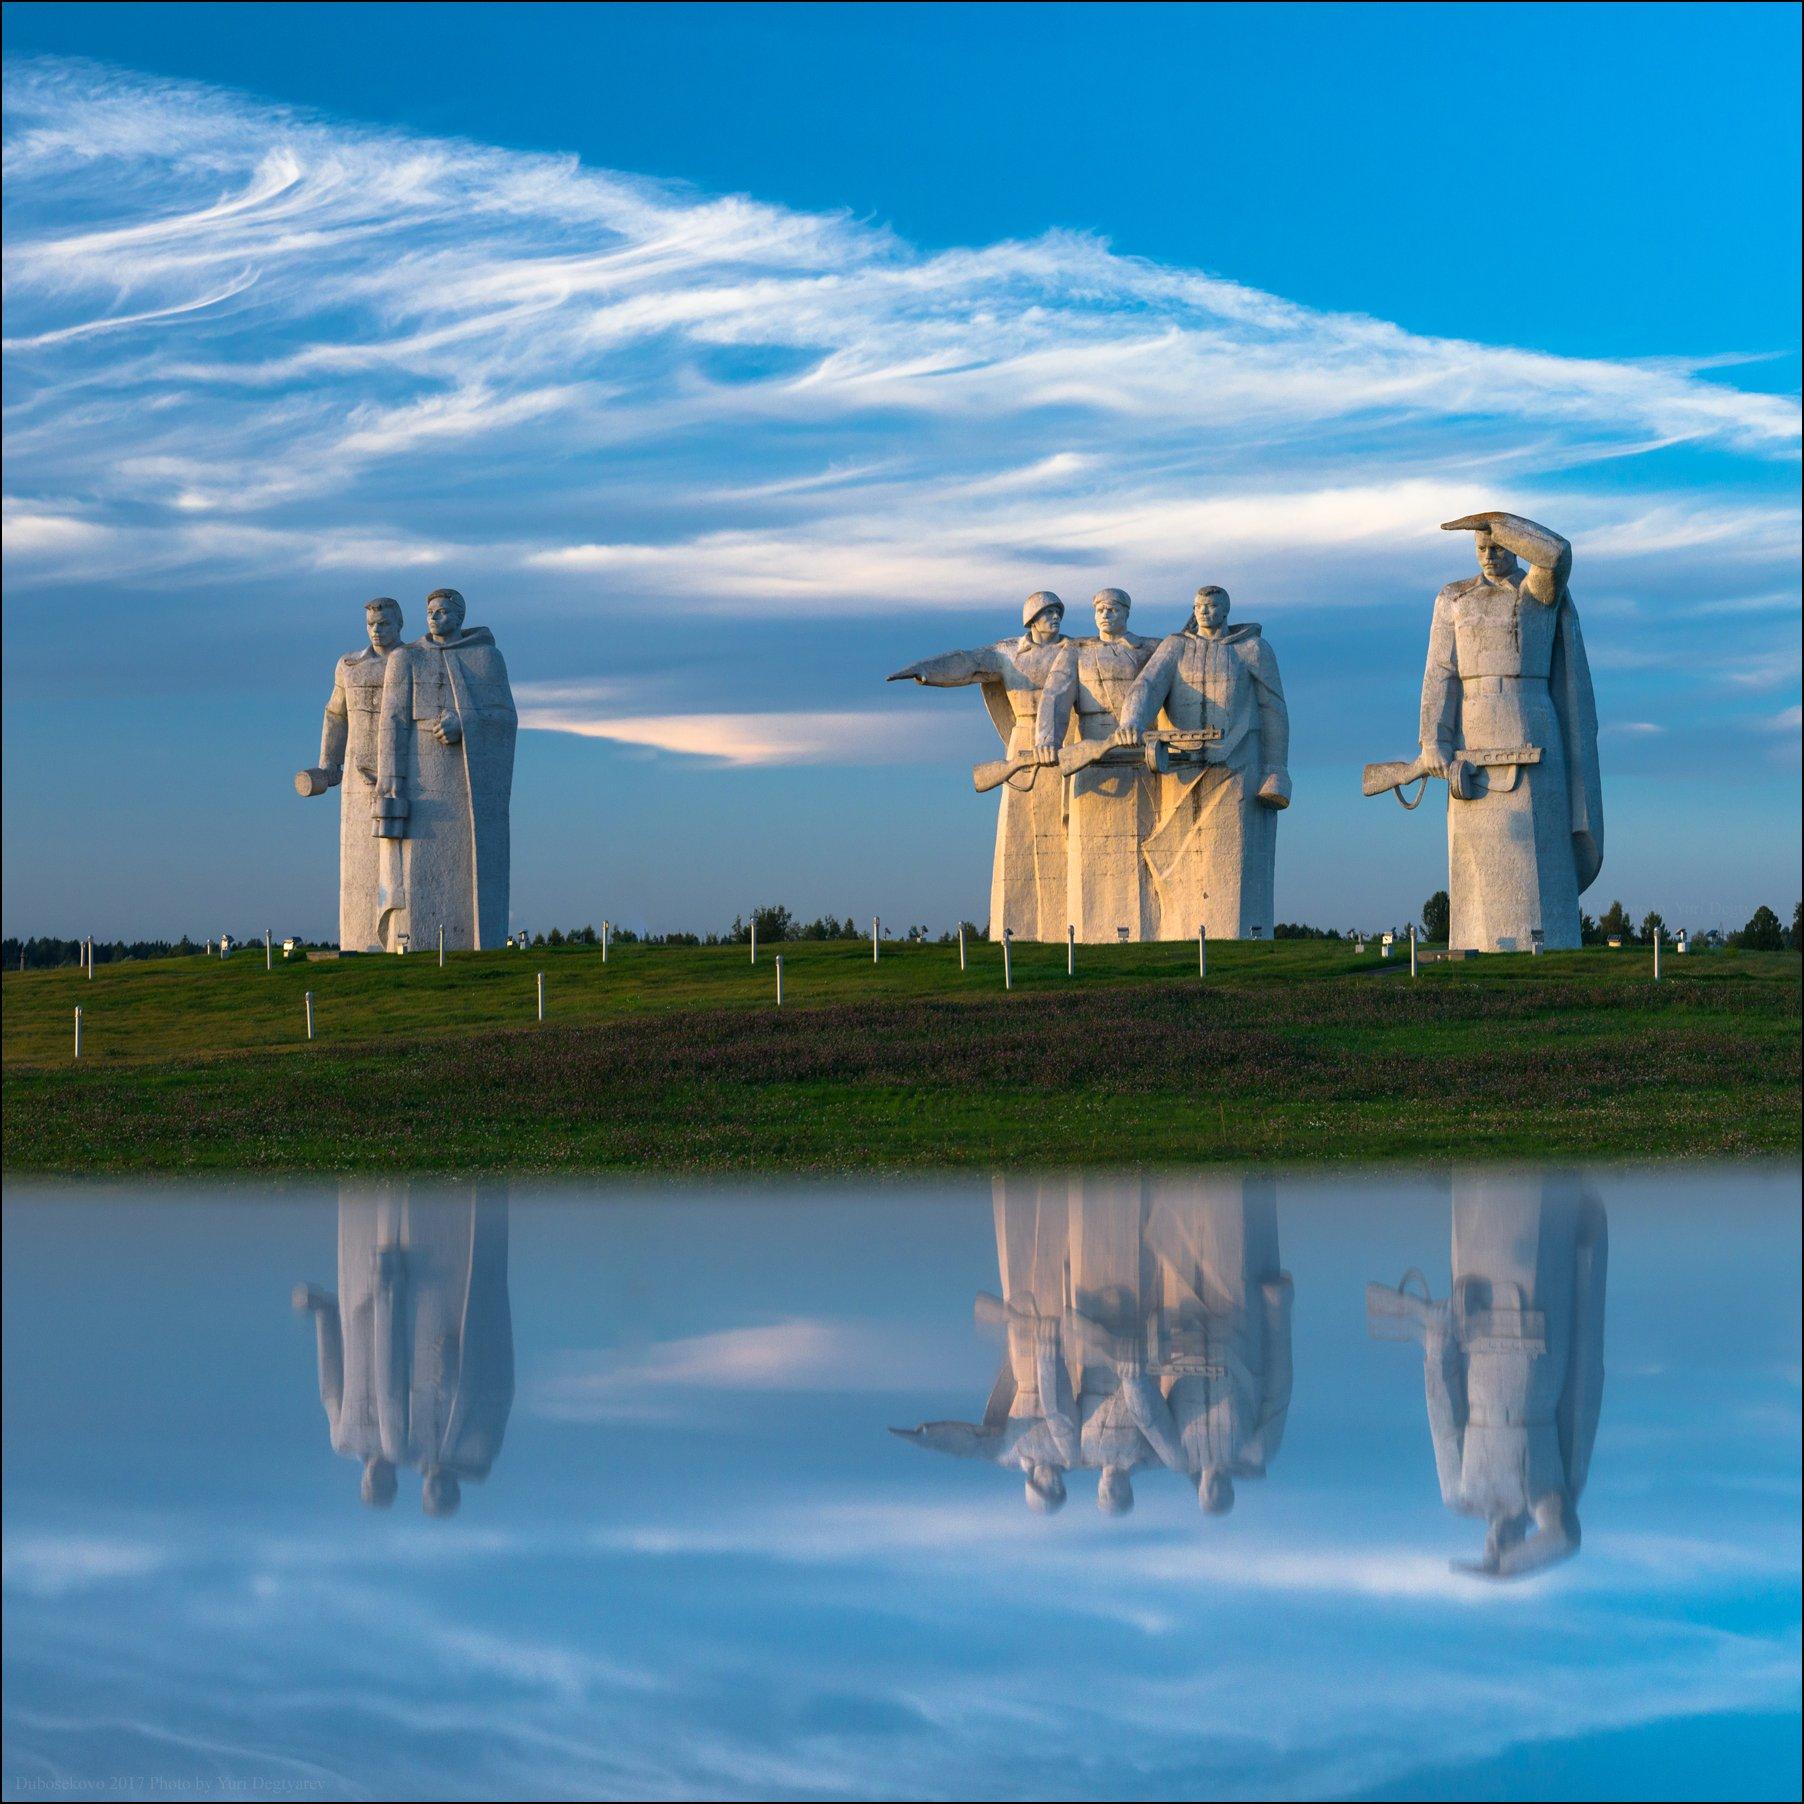 Дубосеково, Волоколамск, Панфиловцы, 28 Панфиловцев, монумент, отражение, облака, солдаты, Юрий Дегтярёв